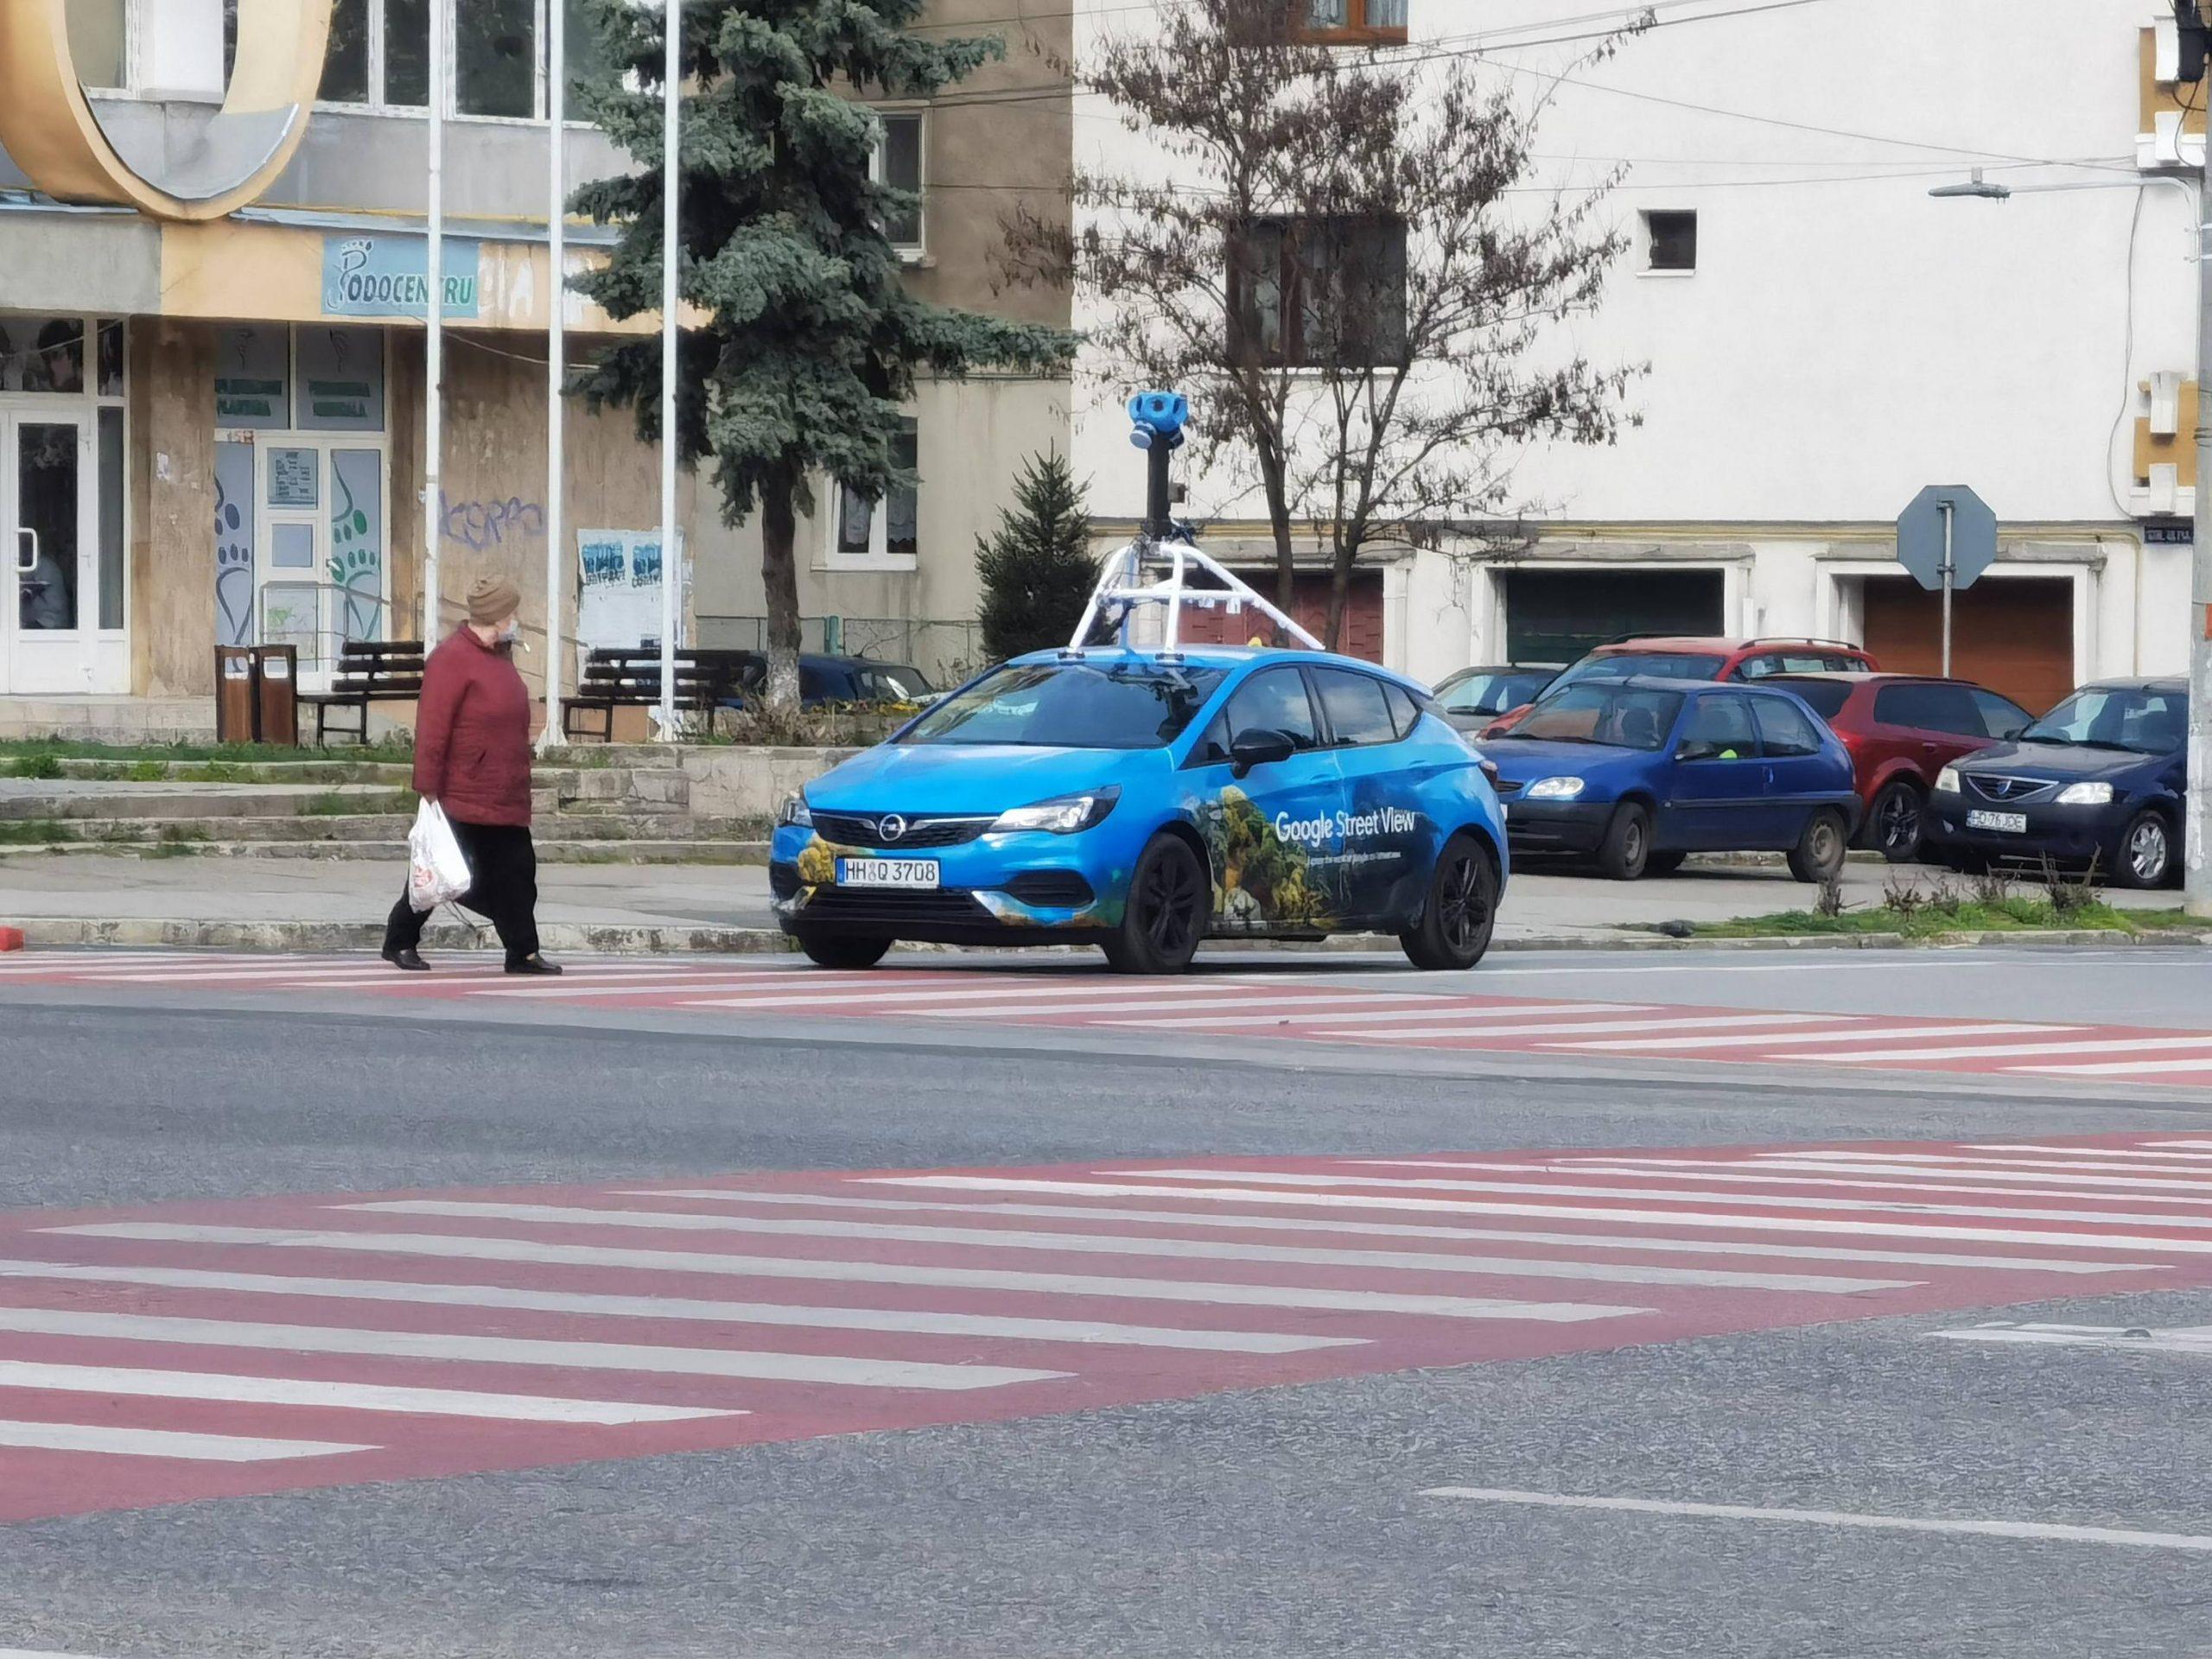 Deva, actualizată pe Street View. Maşina Google, surprinsă în mai multe zone ale oraşului